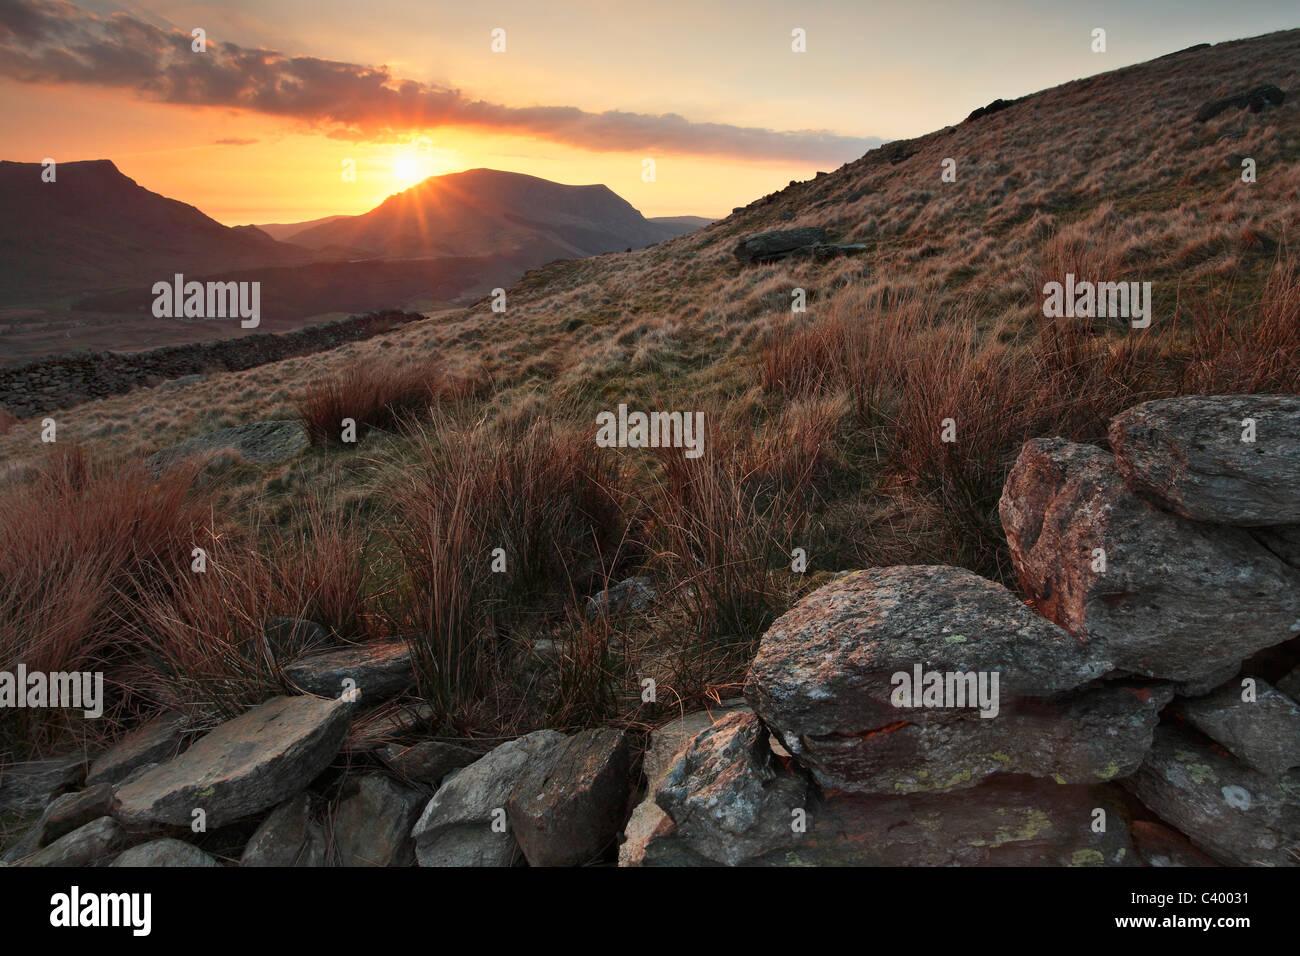 Sonnenuntergang hinter Craig Cwm Silyn aus der Snowdon Ranger-Pfad in der Nähe von Rhyd Ddu in Gwynedd, Wales Stockbild